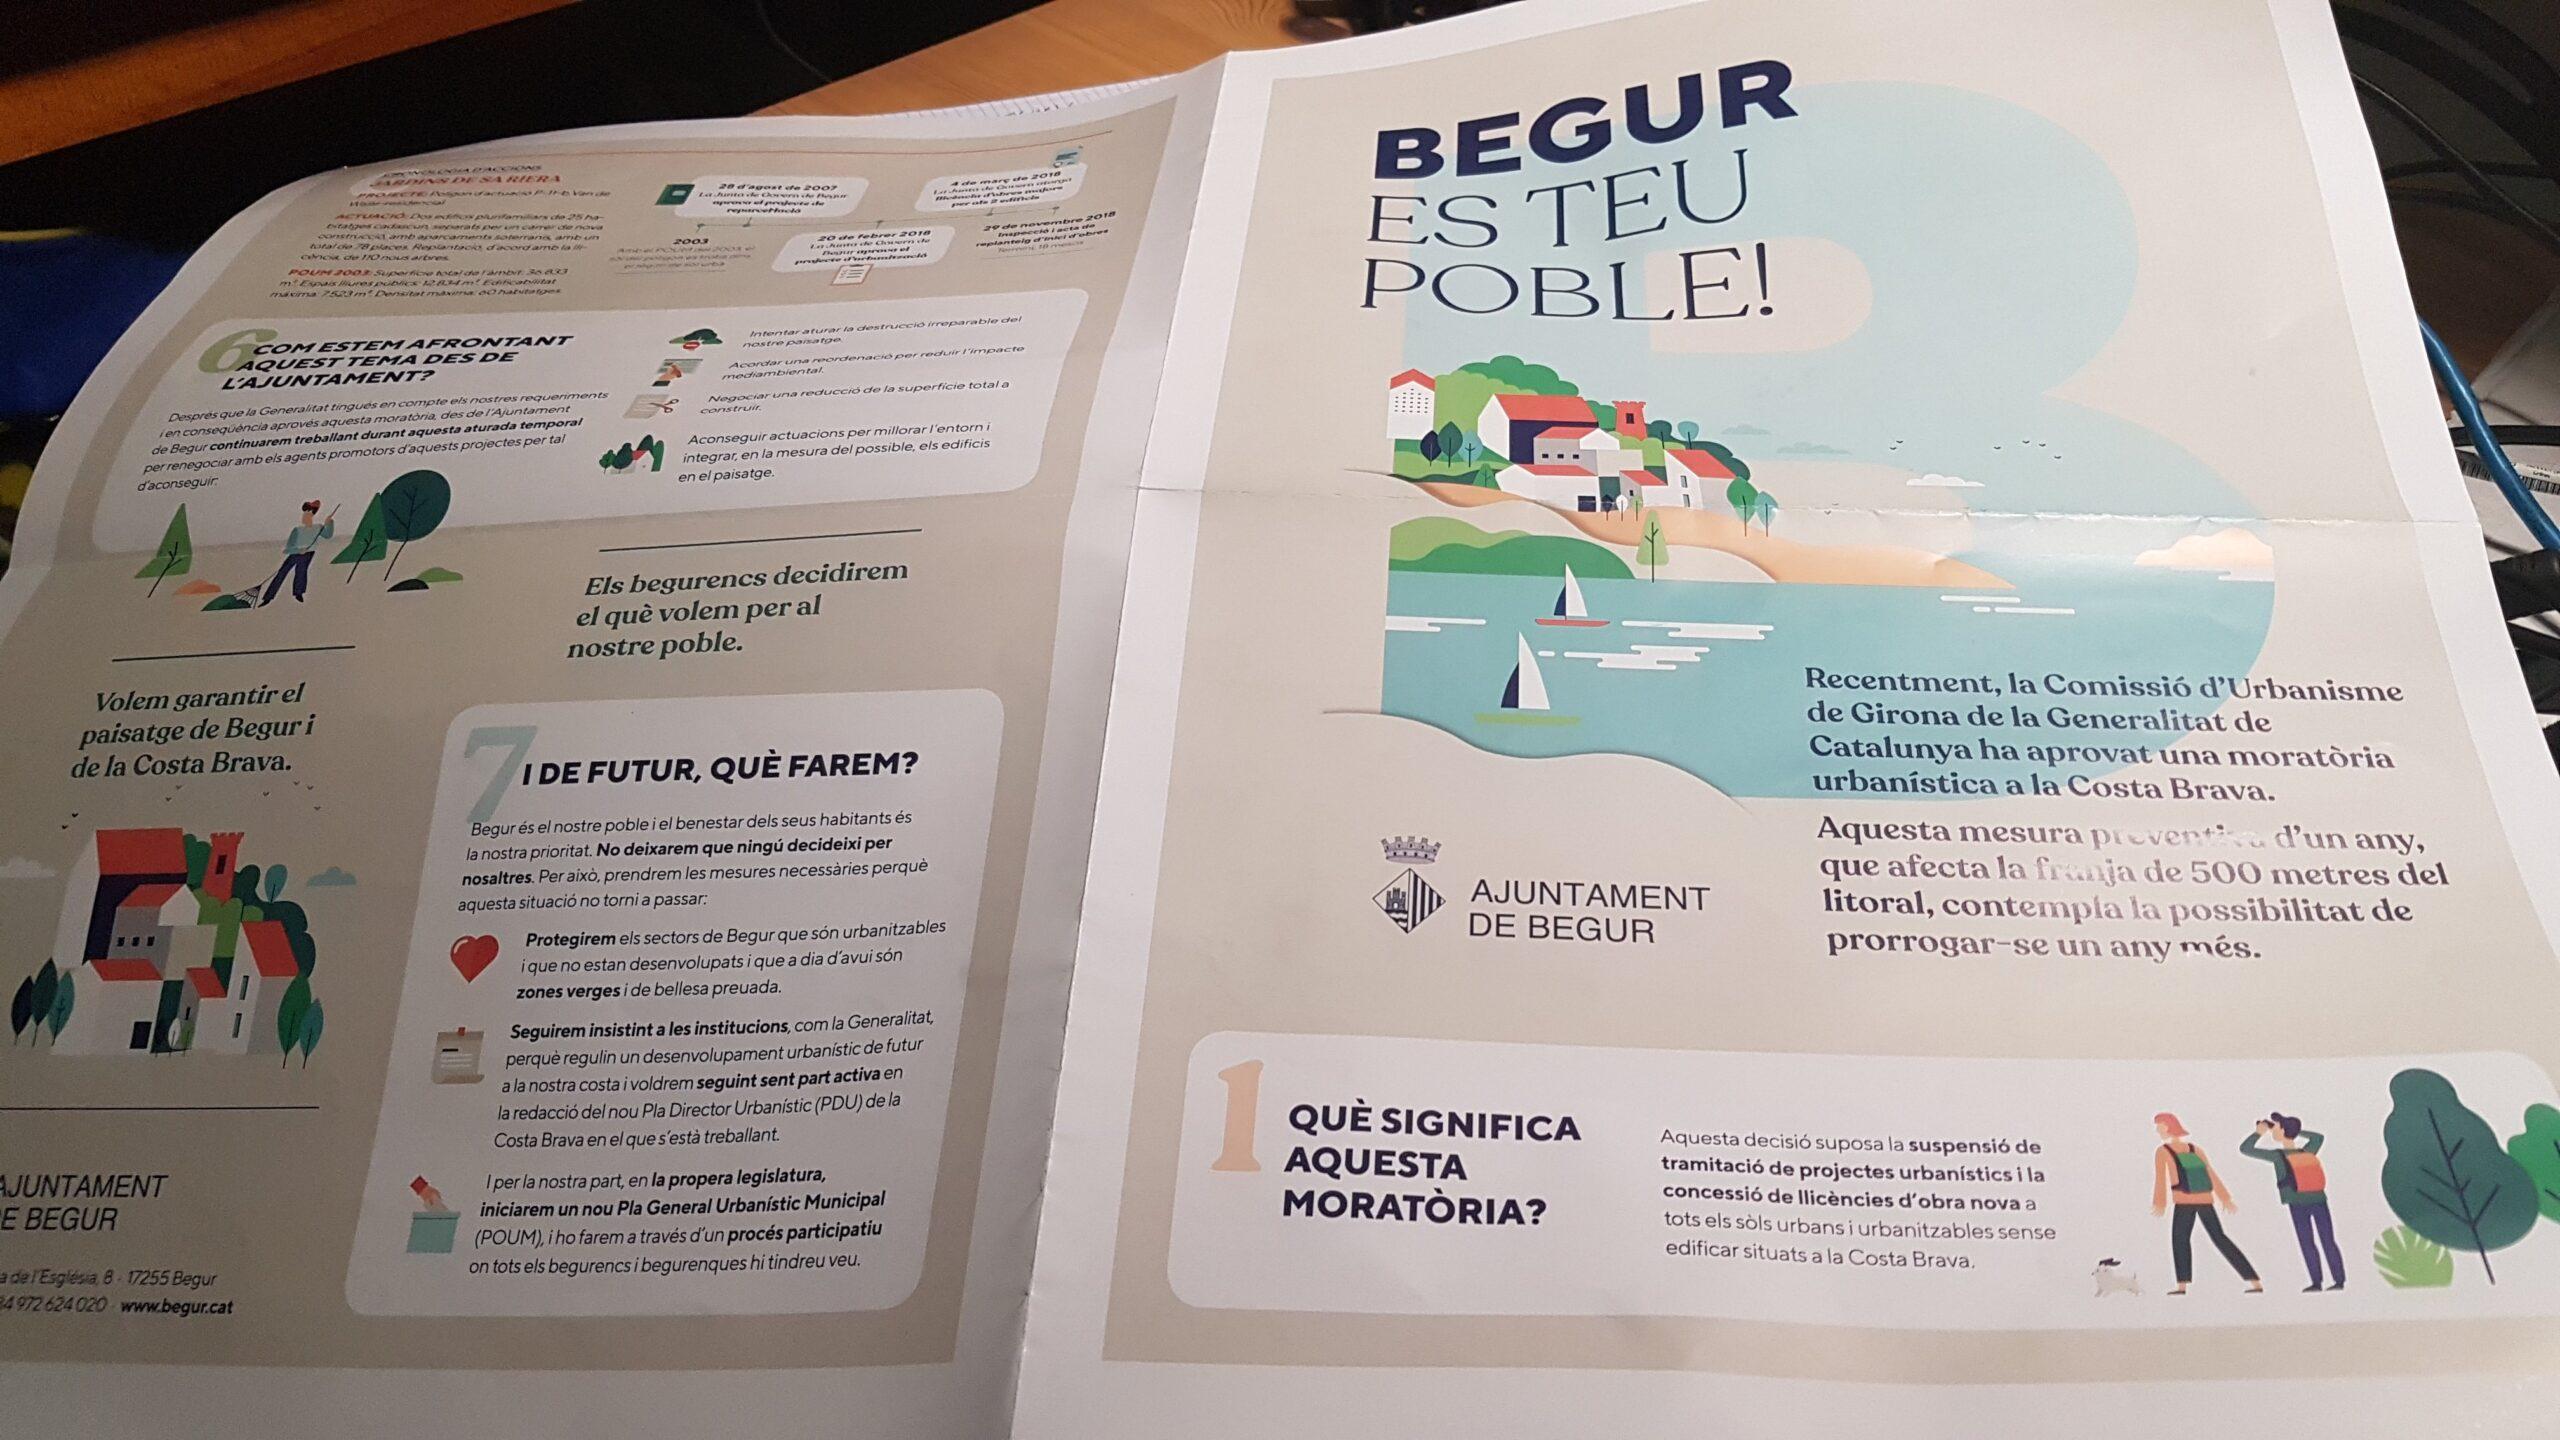 Pamflet propagandístic distribuït per l'Ajuntament de Begur